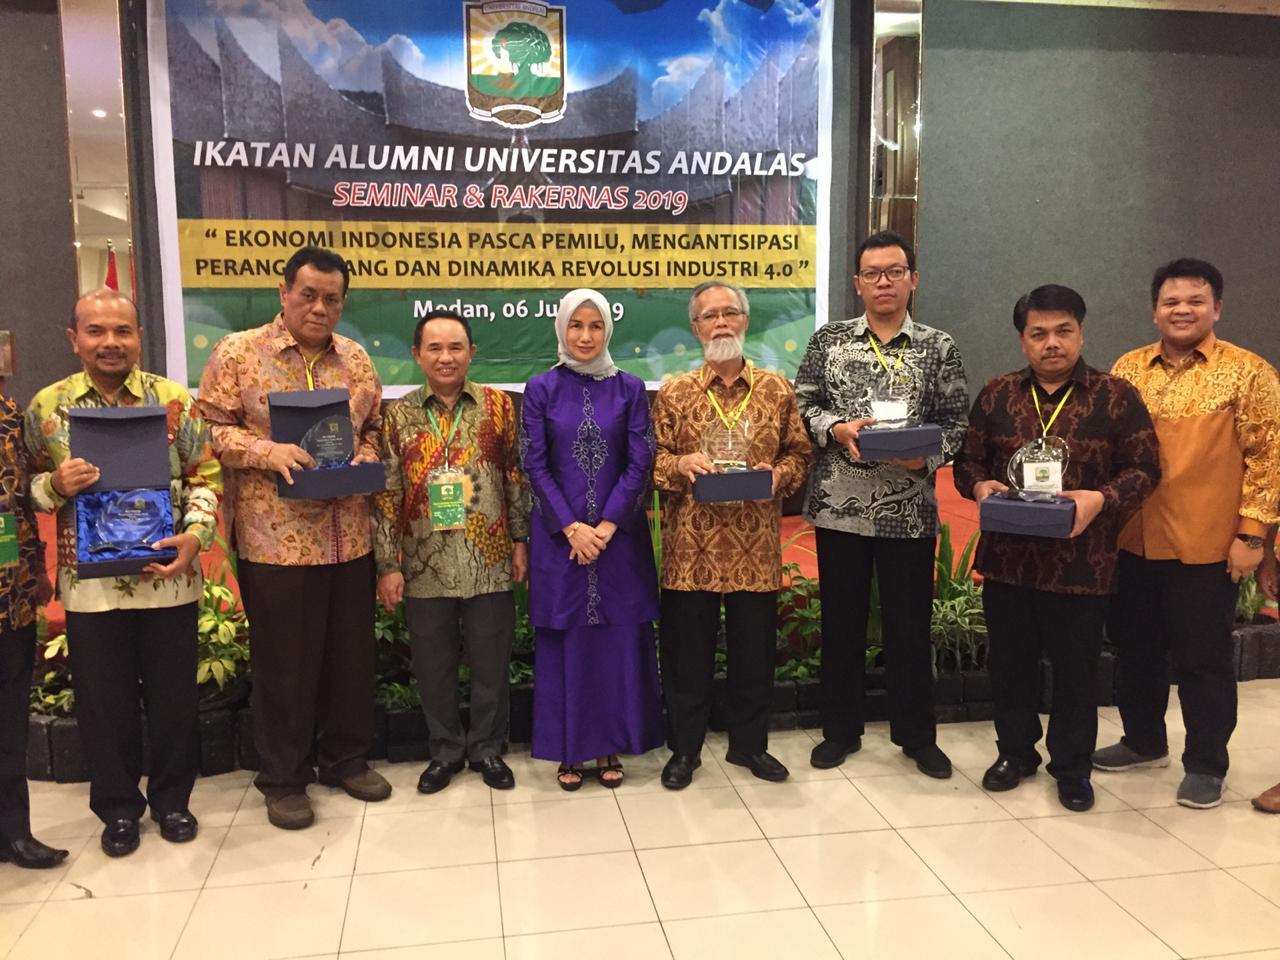 Andrinof : Pertumbuhan Ekonomi Indonesia Bisa Tujuh Persen